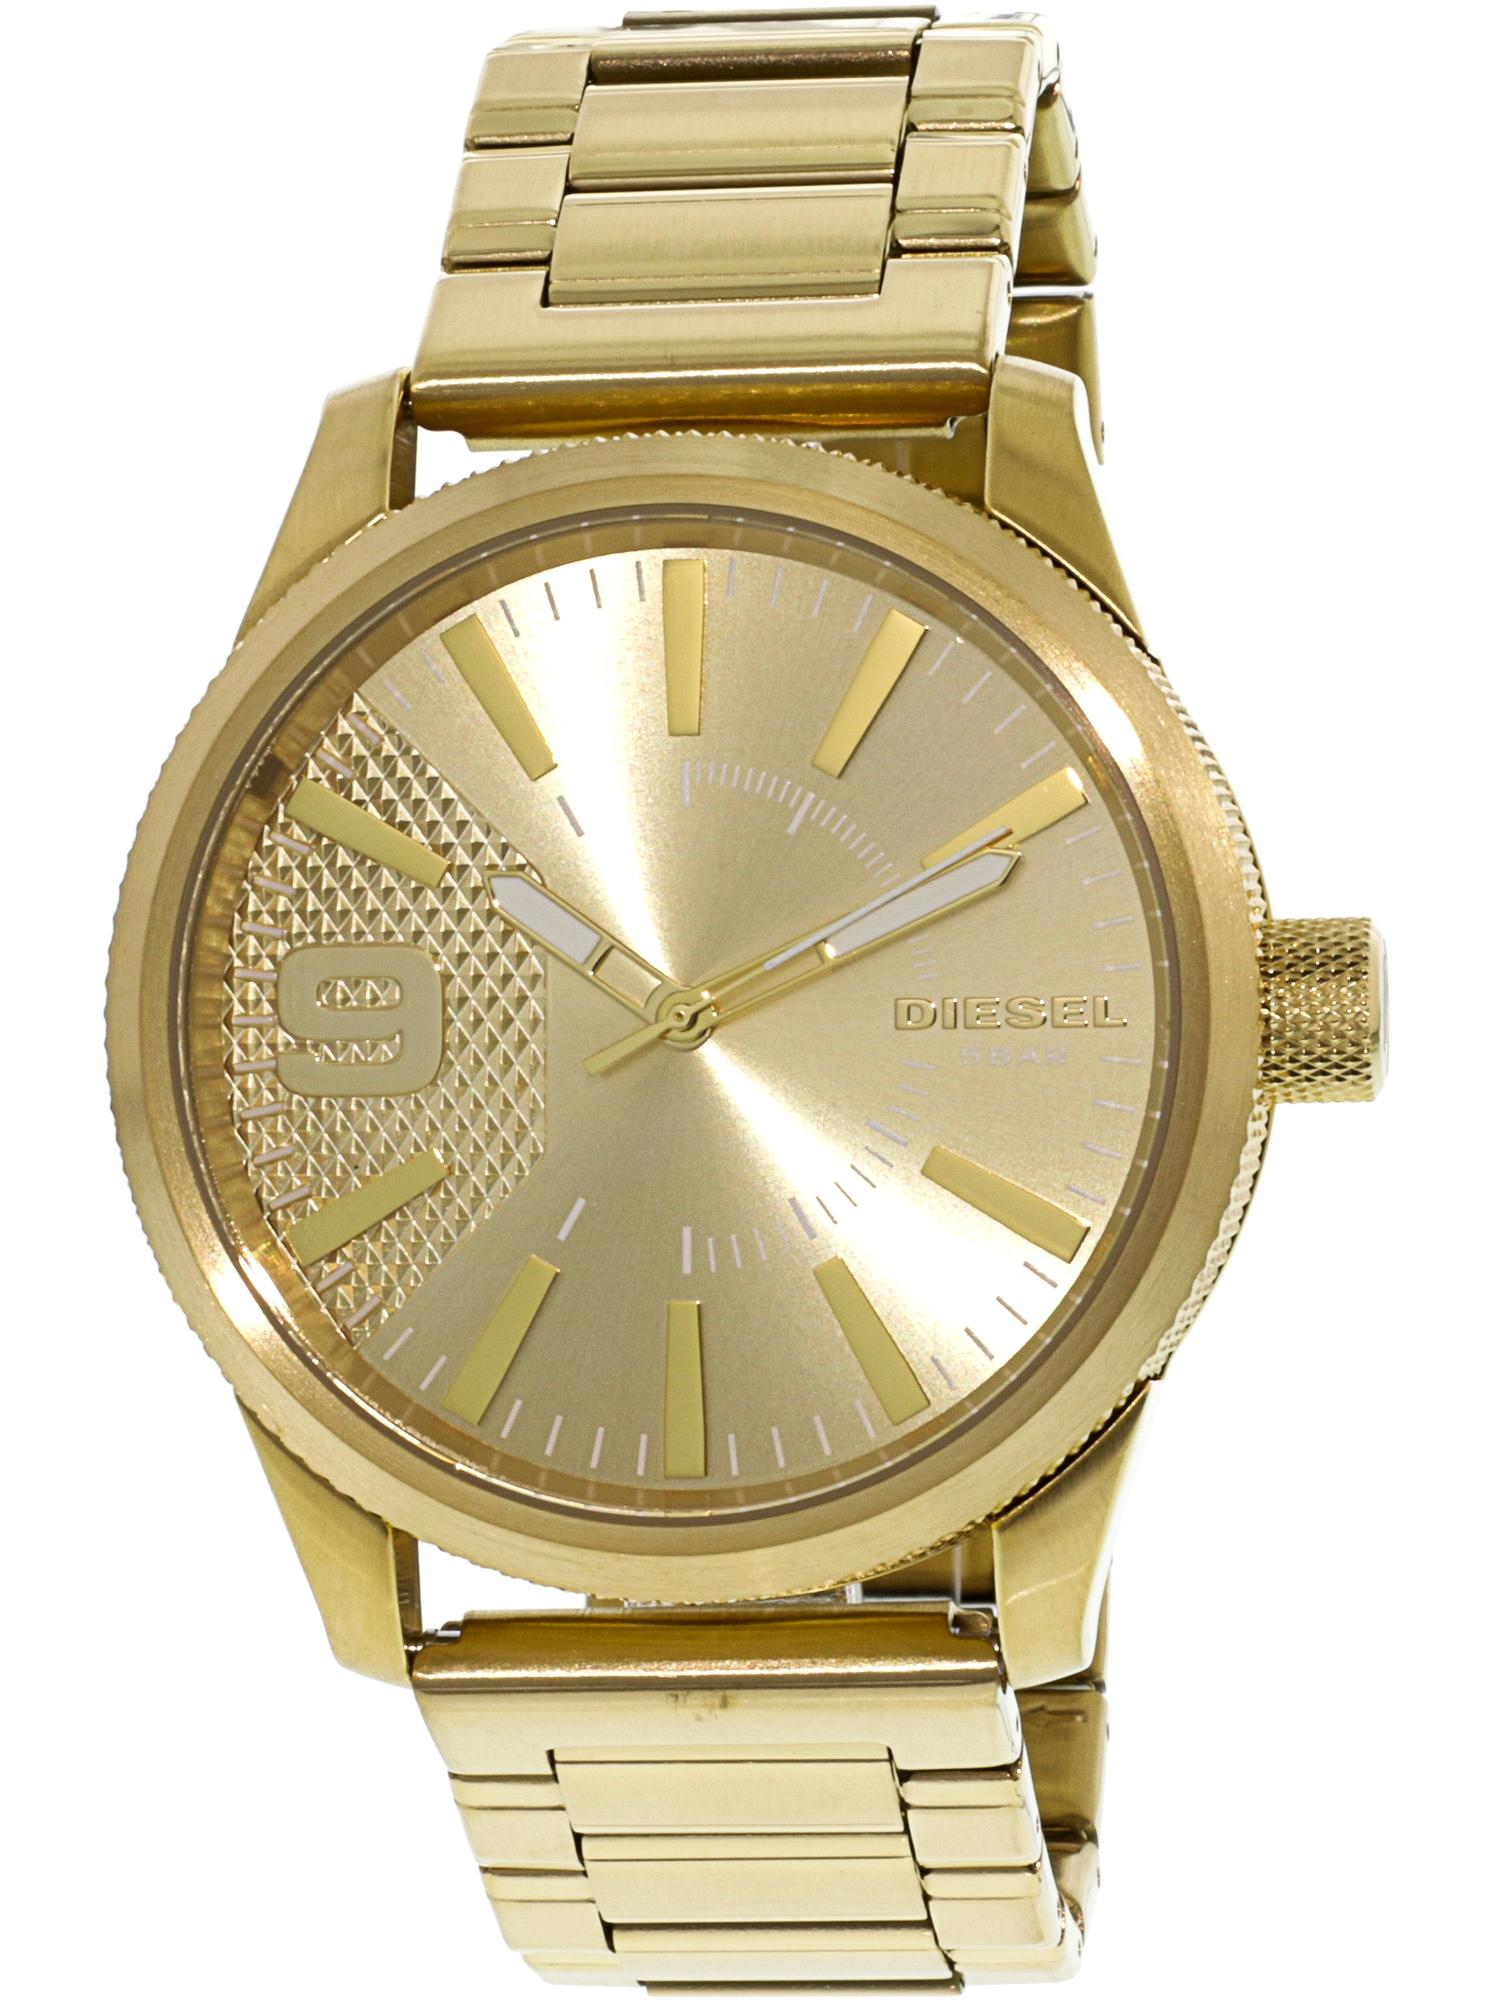 Diesel Men's Rasp DZ1761 Gold Stainless-Steel Japanese Quartz Fashion Watch